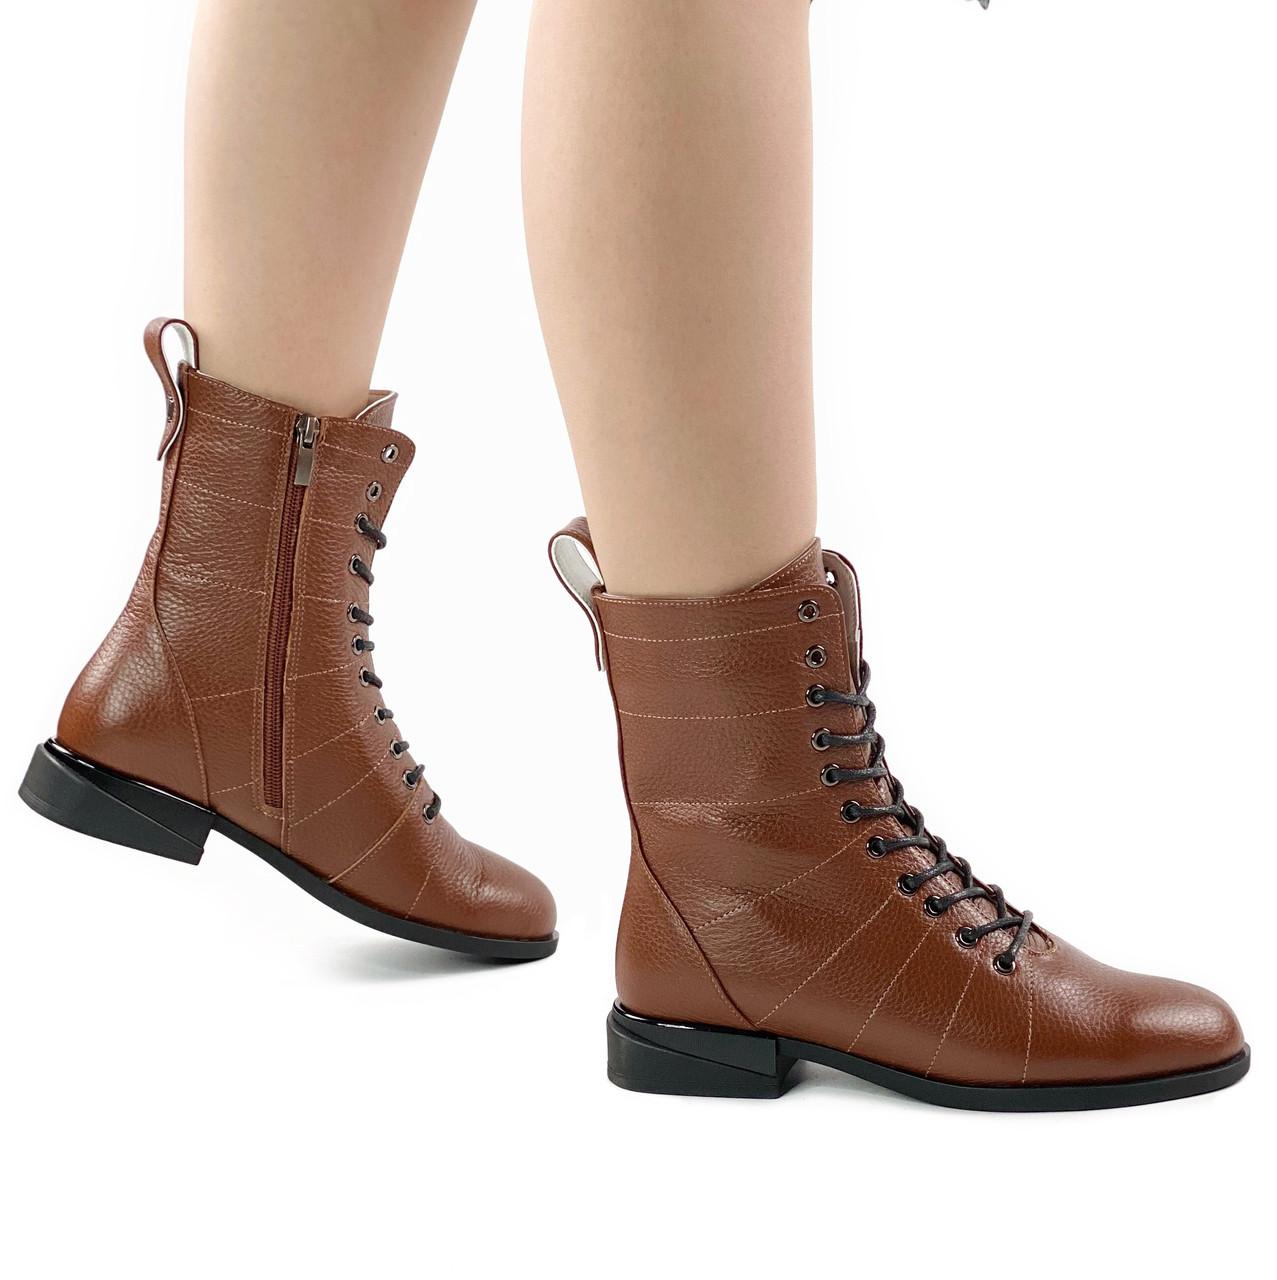 Ботинки женские кожаные рыжие на шнурках высокие MORENTO (весна-осень)